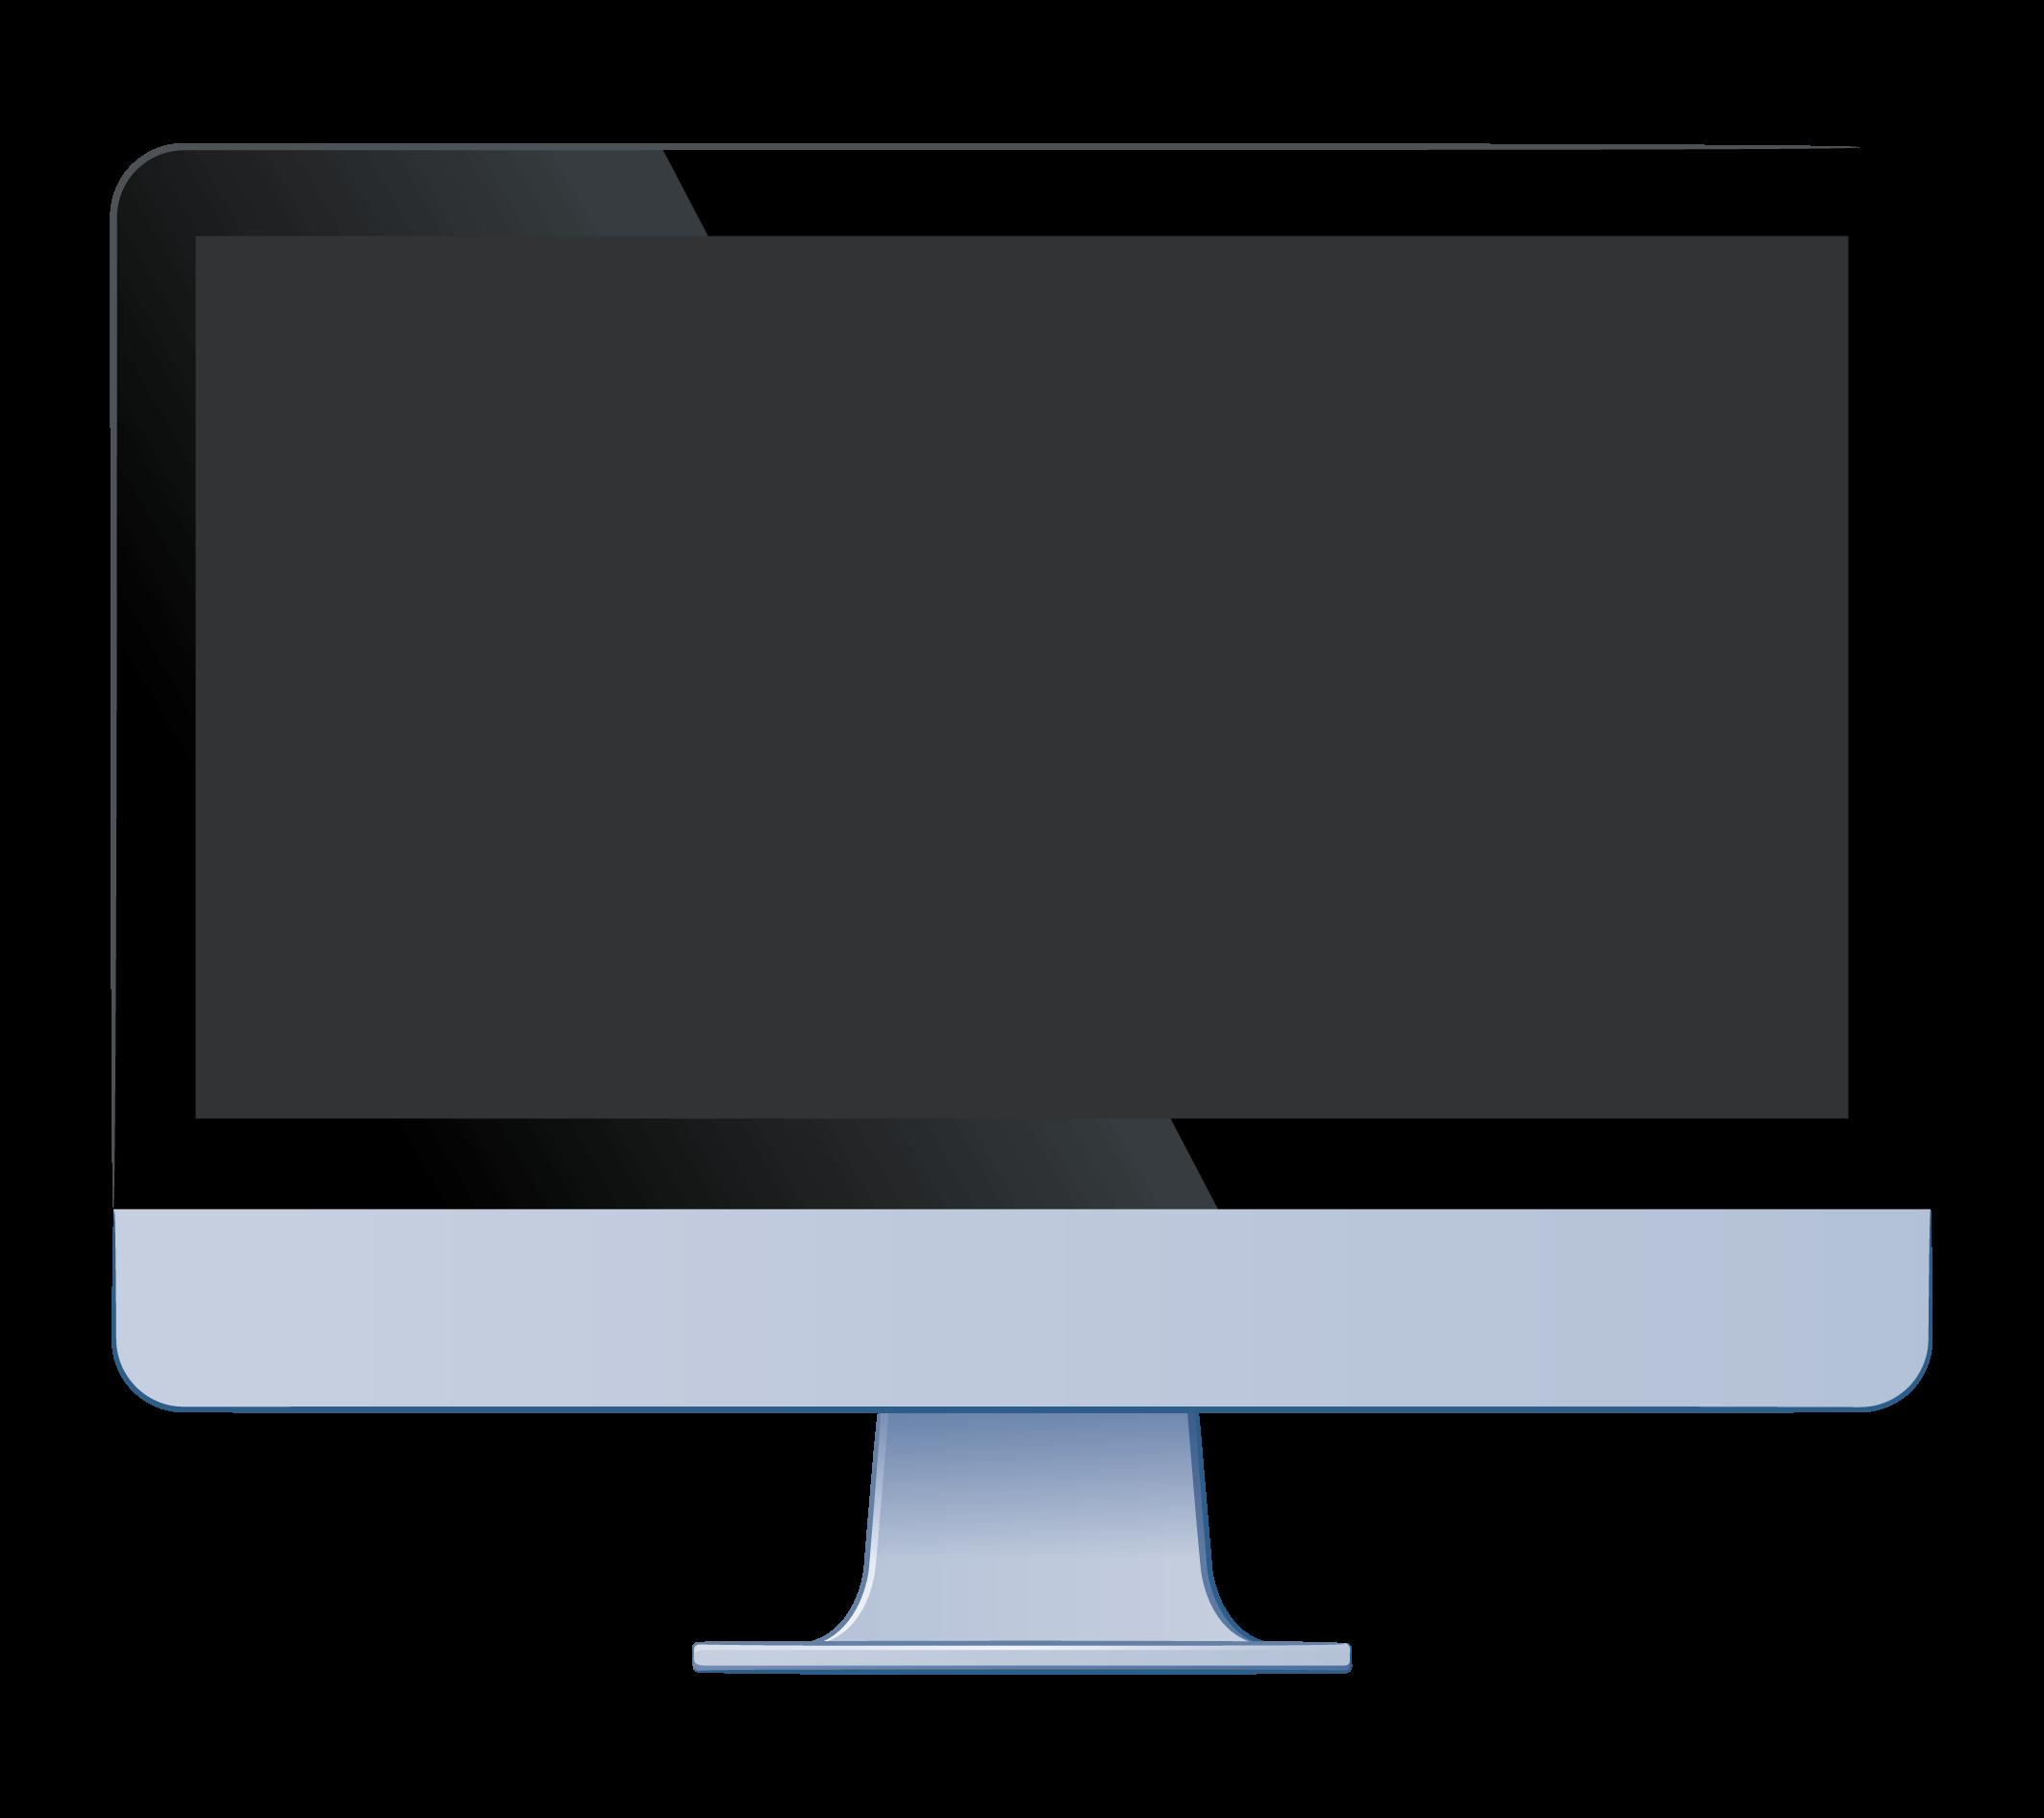 黒い画面のデスクトップパソコン